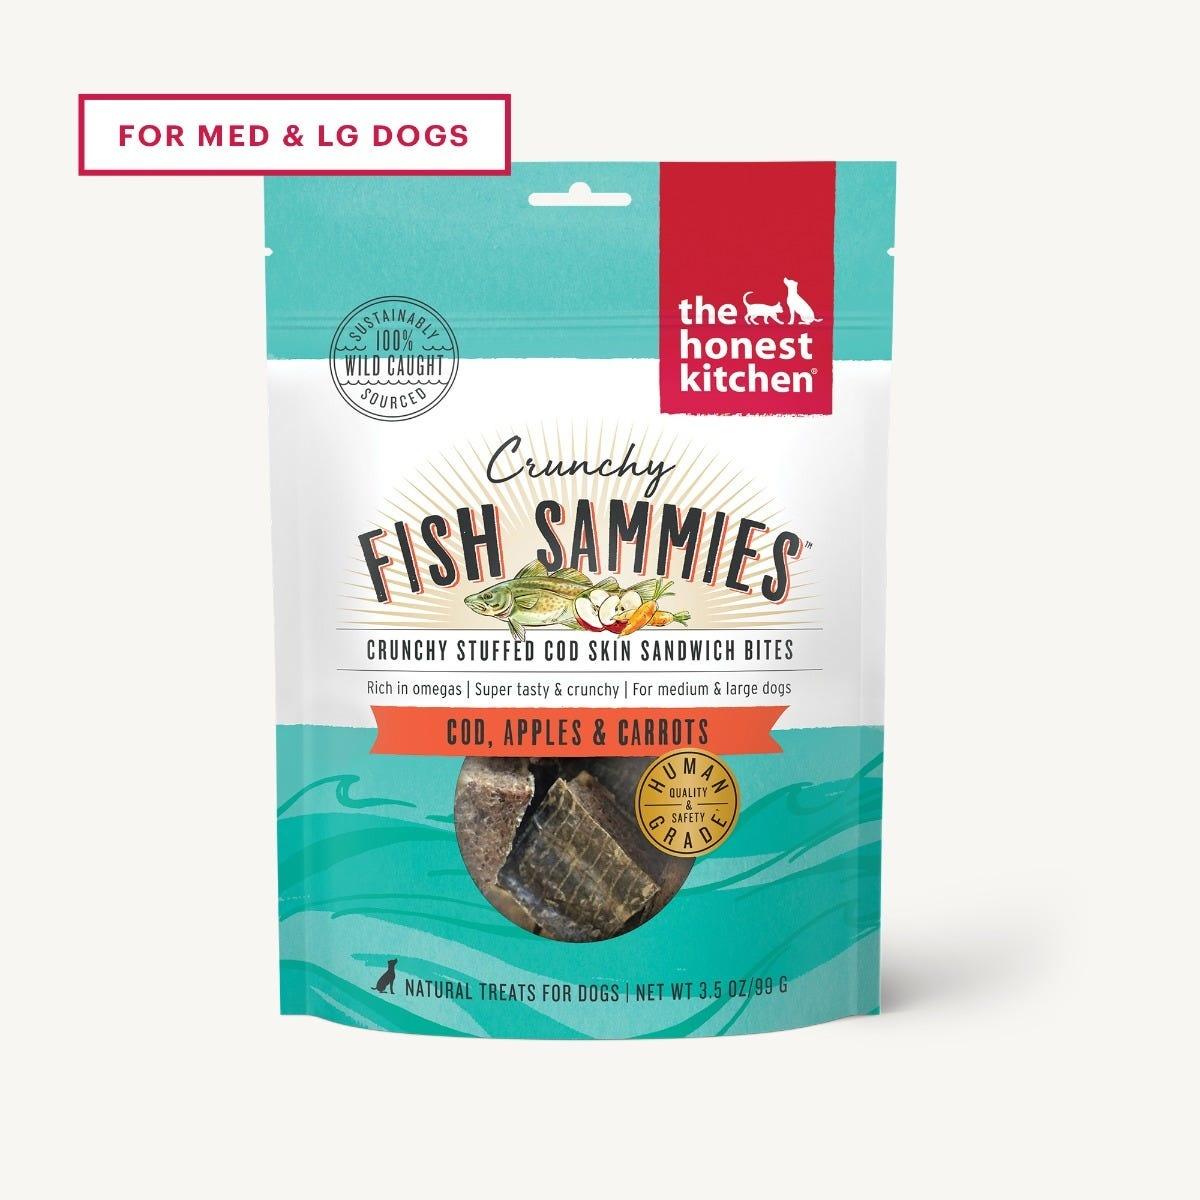 The Honest Kitchen The Honest Kitchen Crunchy Fish Sammies Cod & Carrot Dog Treats 3.5oz